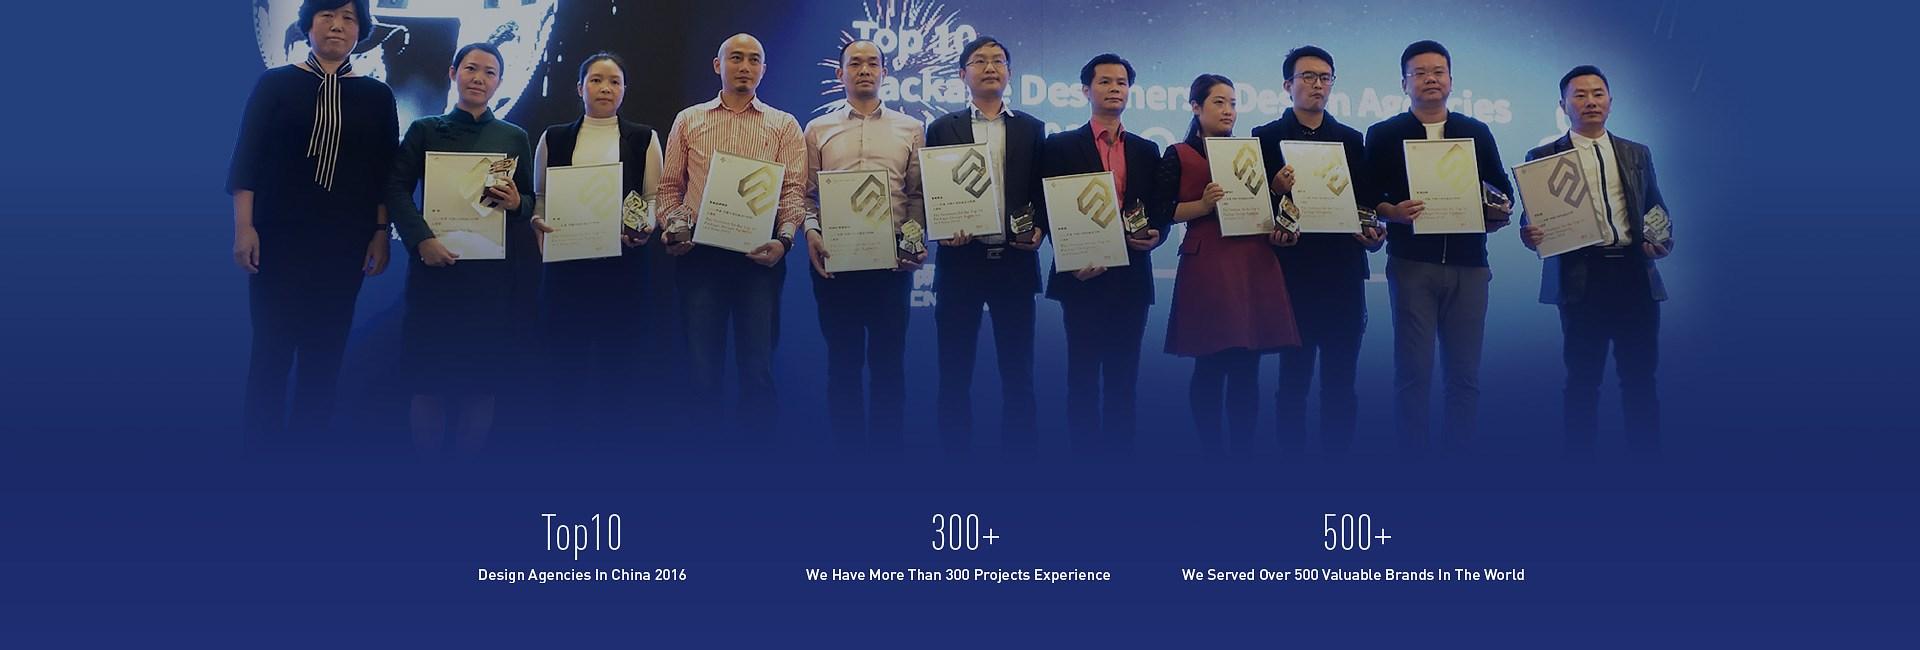 2016年度,中國十佳設計機構